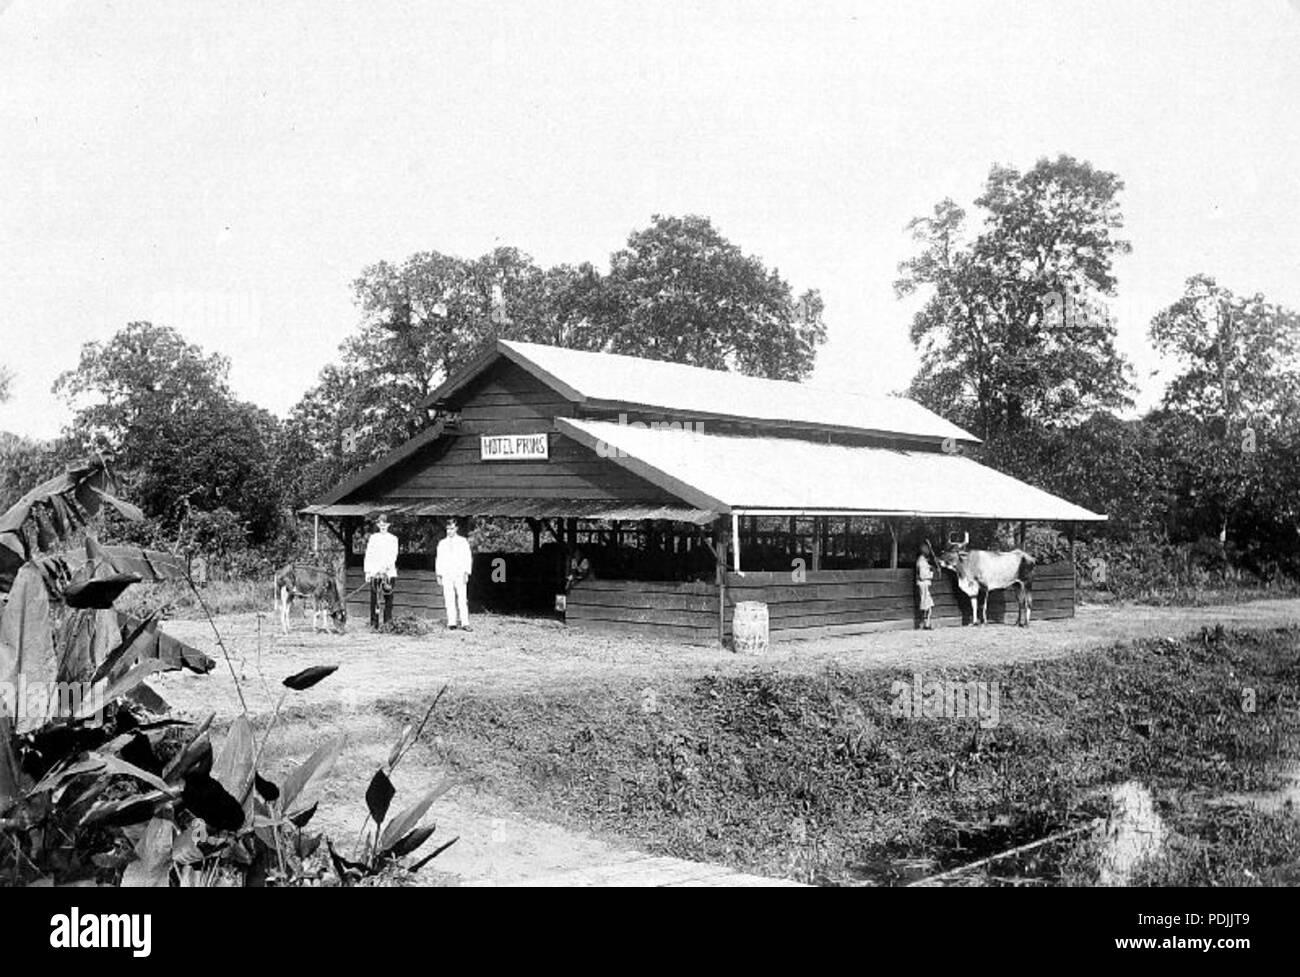 367 Veestal op zendingsplaats Saron, Suriname - Collectie stichting Nationaal Museum van Wereldculturen - TM-10018947 - Stock Image